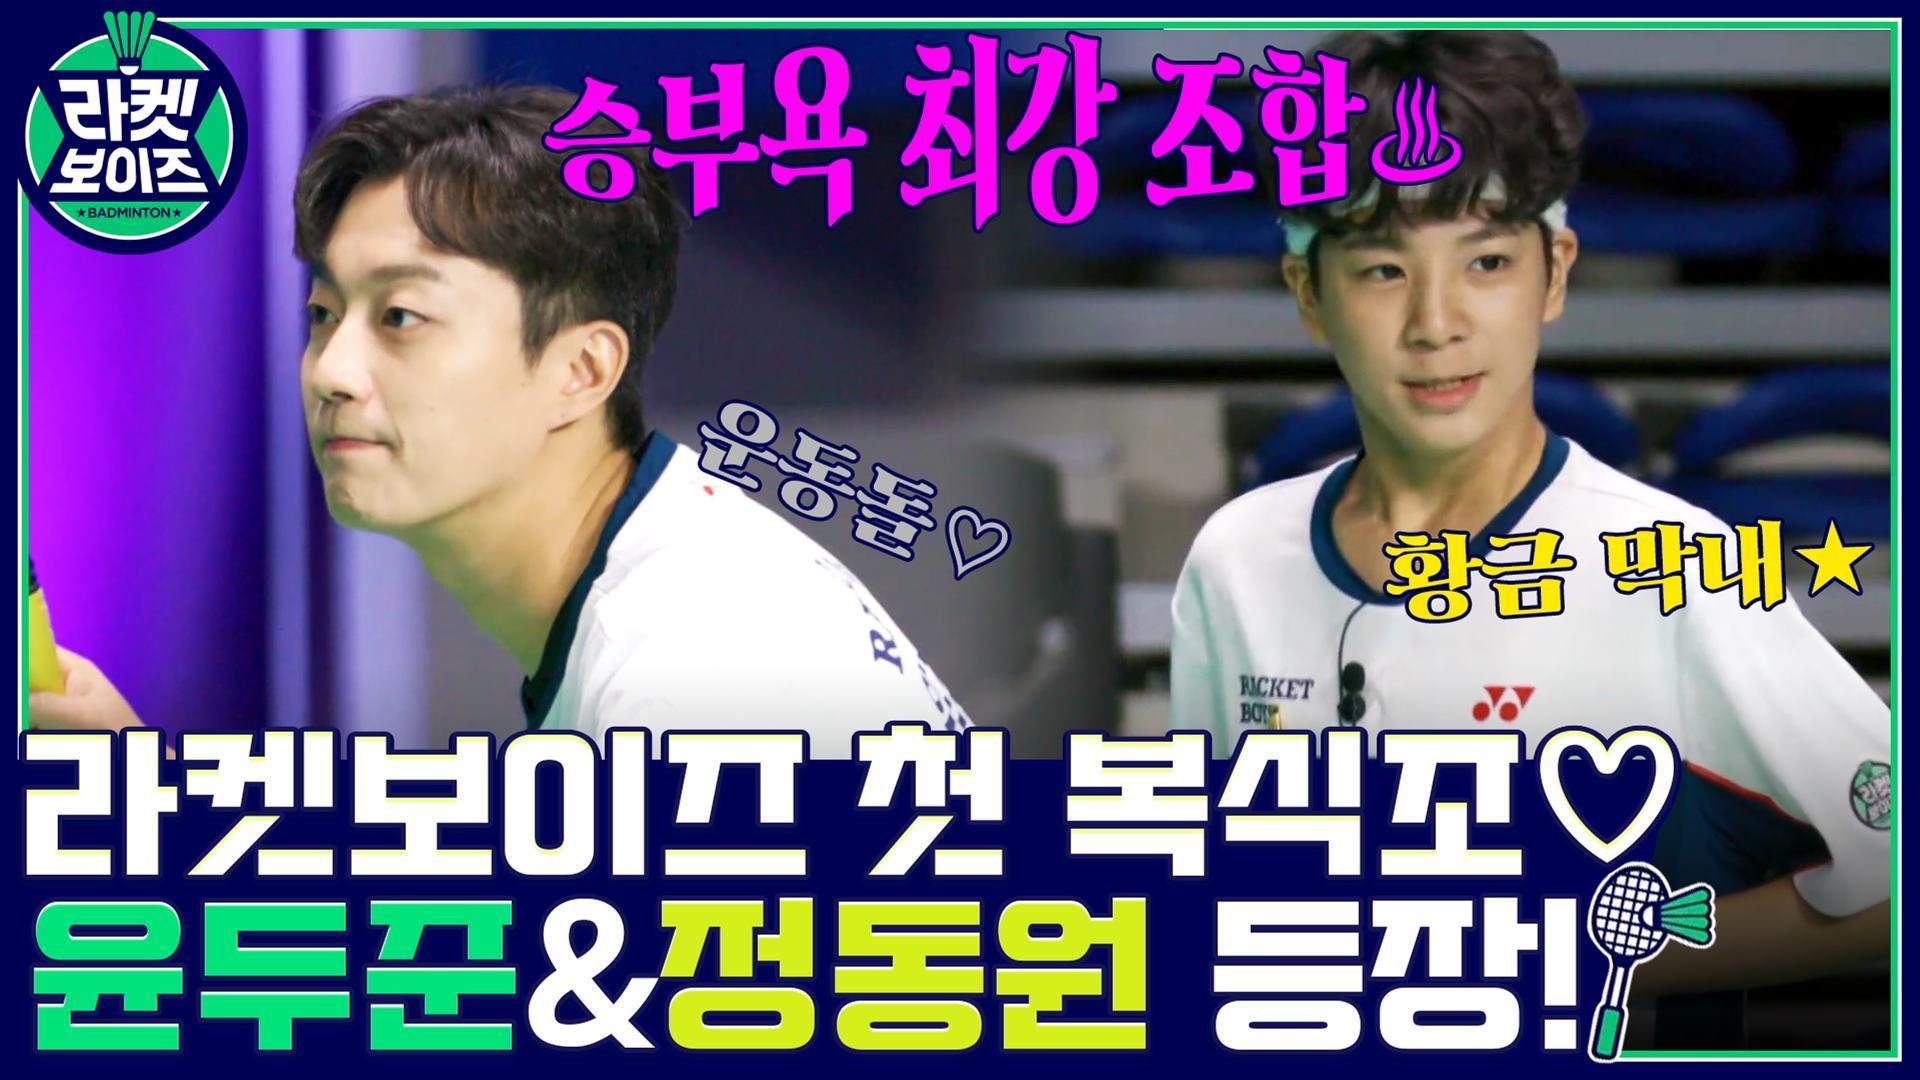 라켓보이즈의 첫 복식조!! 운동돌 윤두준 & 황금 막내 정동원 등장 | tvN 211018 방송